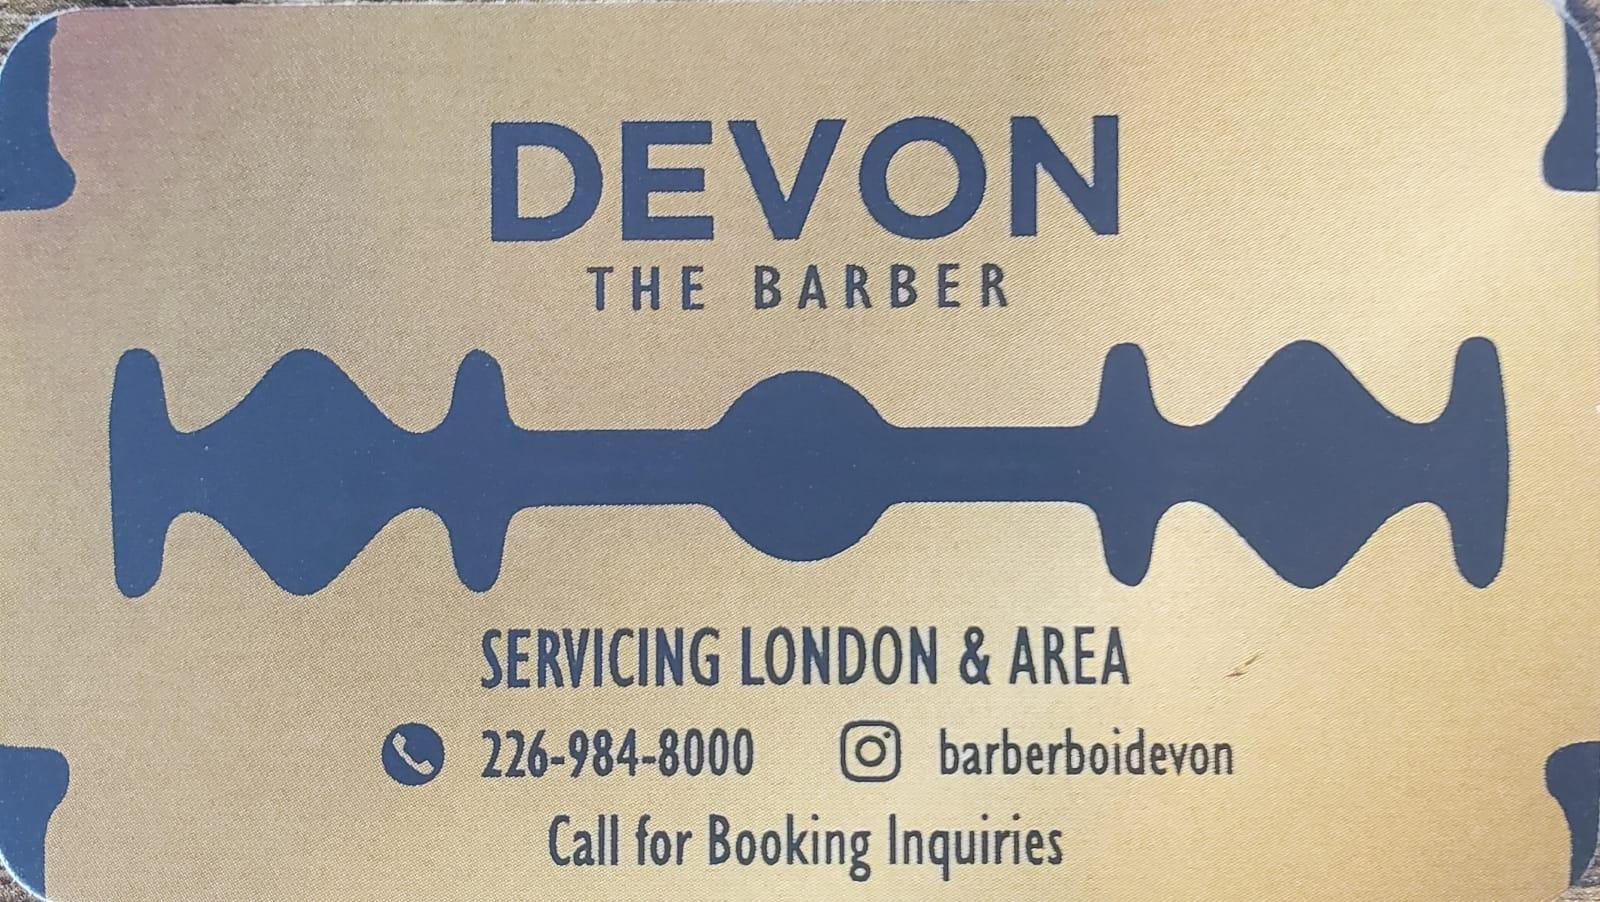 Devons Barbering